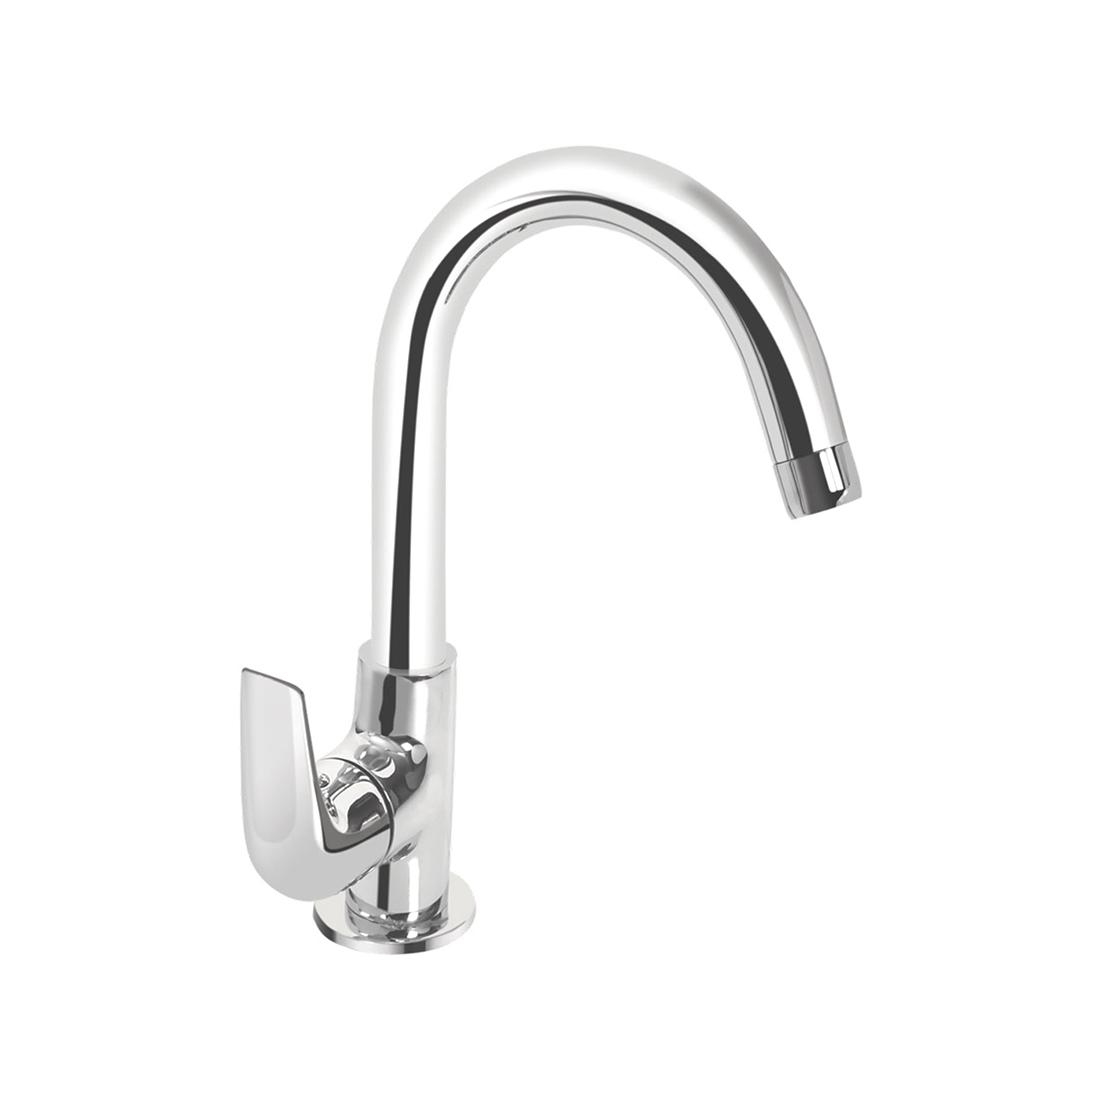 Kerovit Slope KB1311028 Sink Cock With Swivel Spout